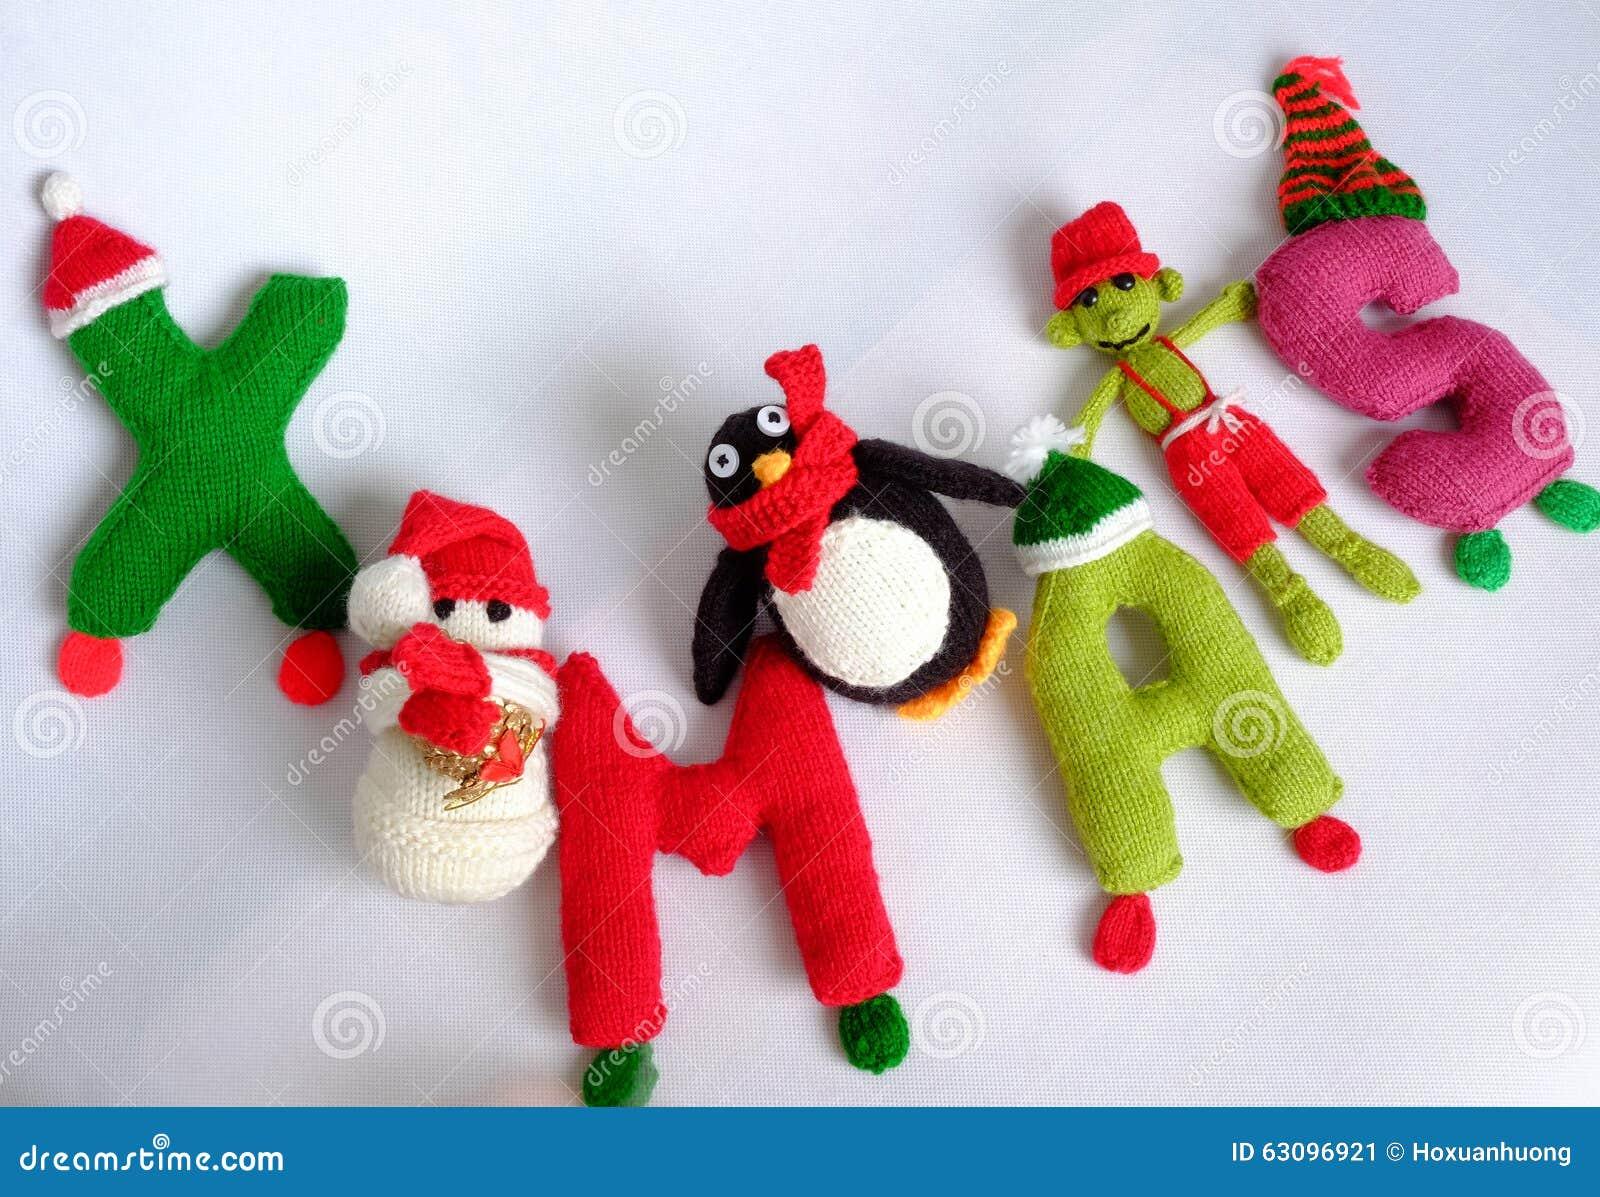 Alphabet Noel christmas, xmas alphabet, handmade, knitted, noel gift stock image